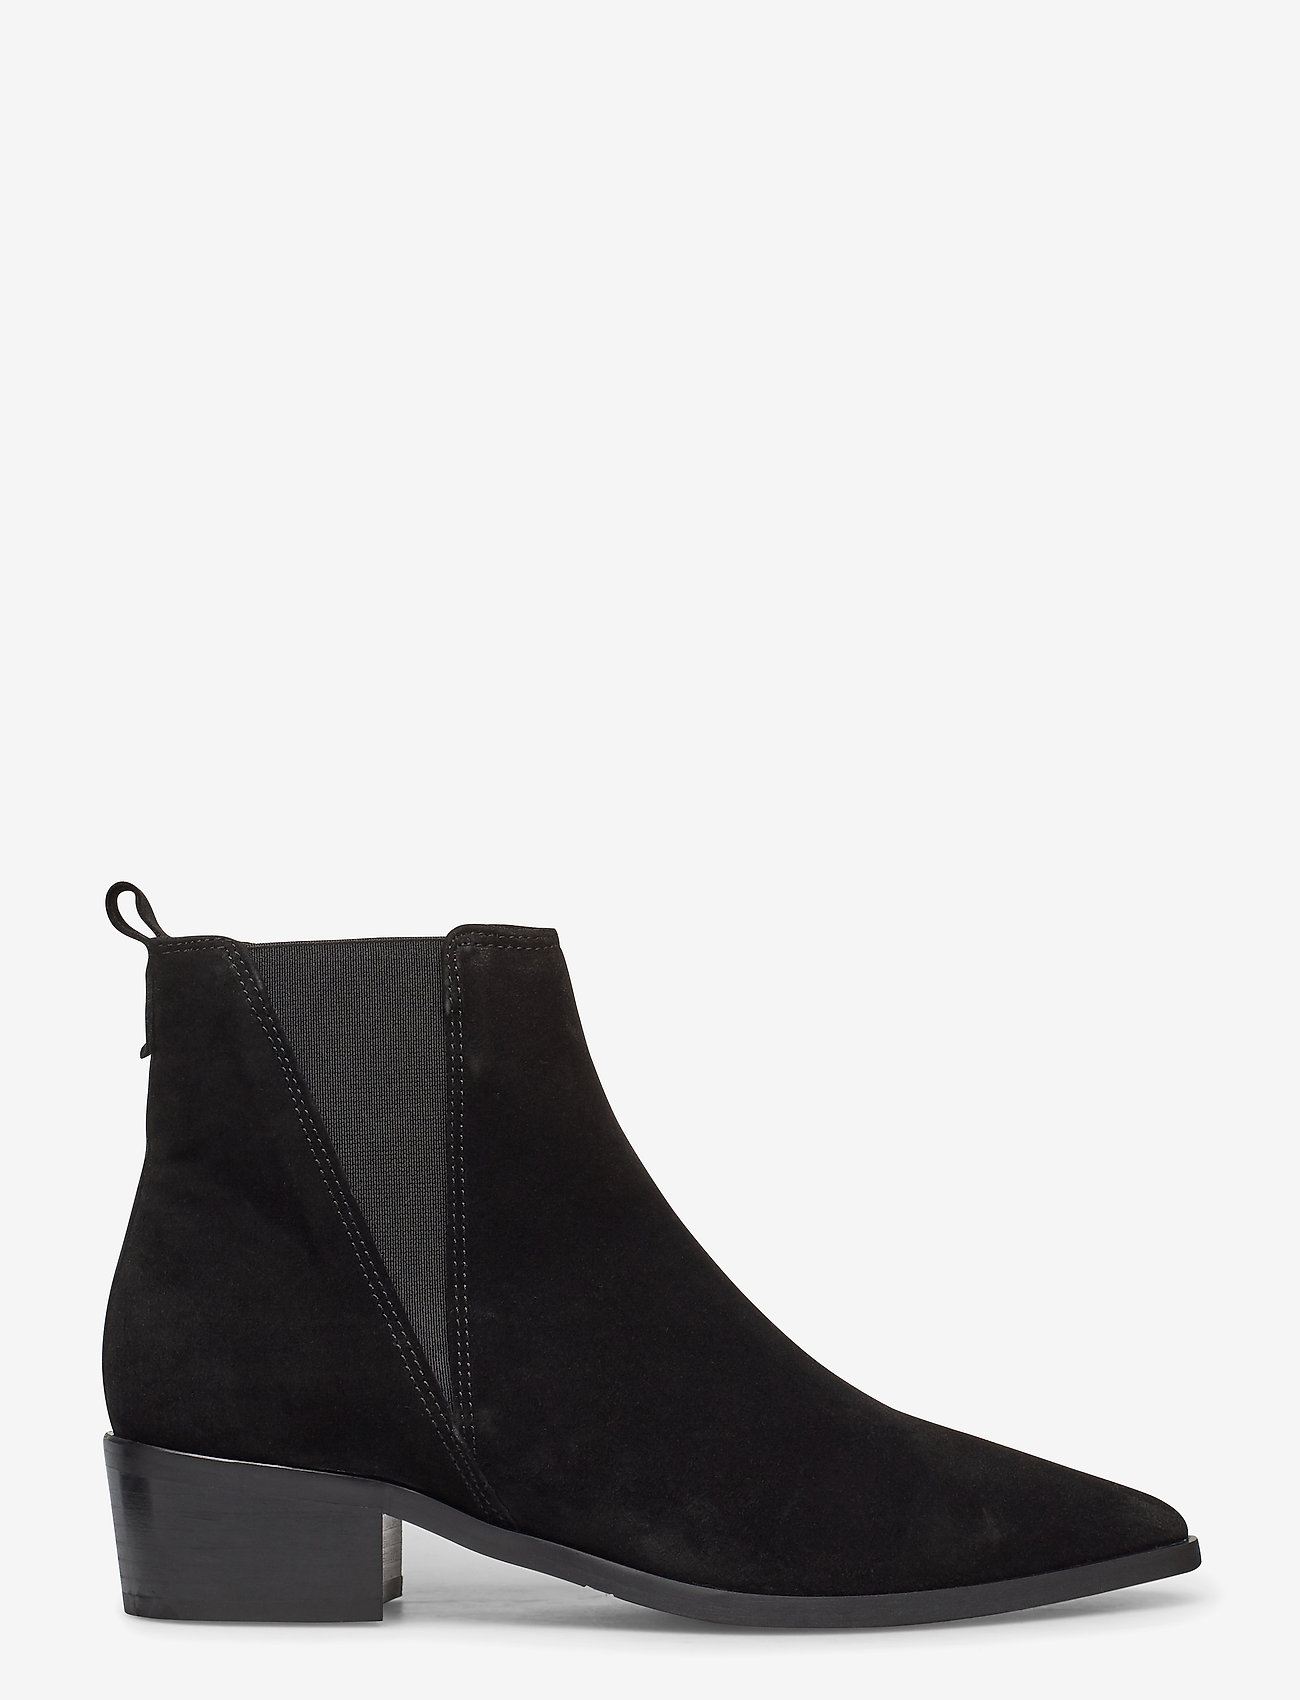 Boots 3691 (Black Babysilk Suede 500) - Billi Bi zYMlP2